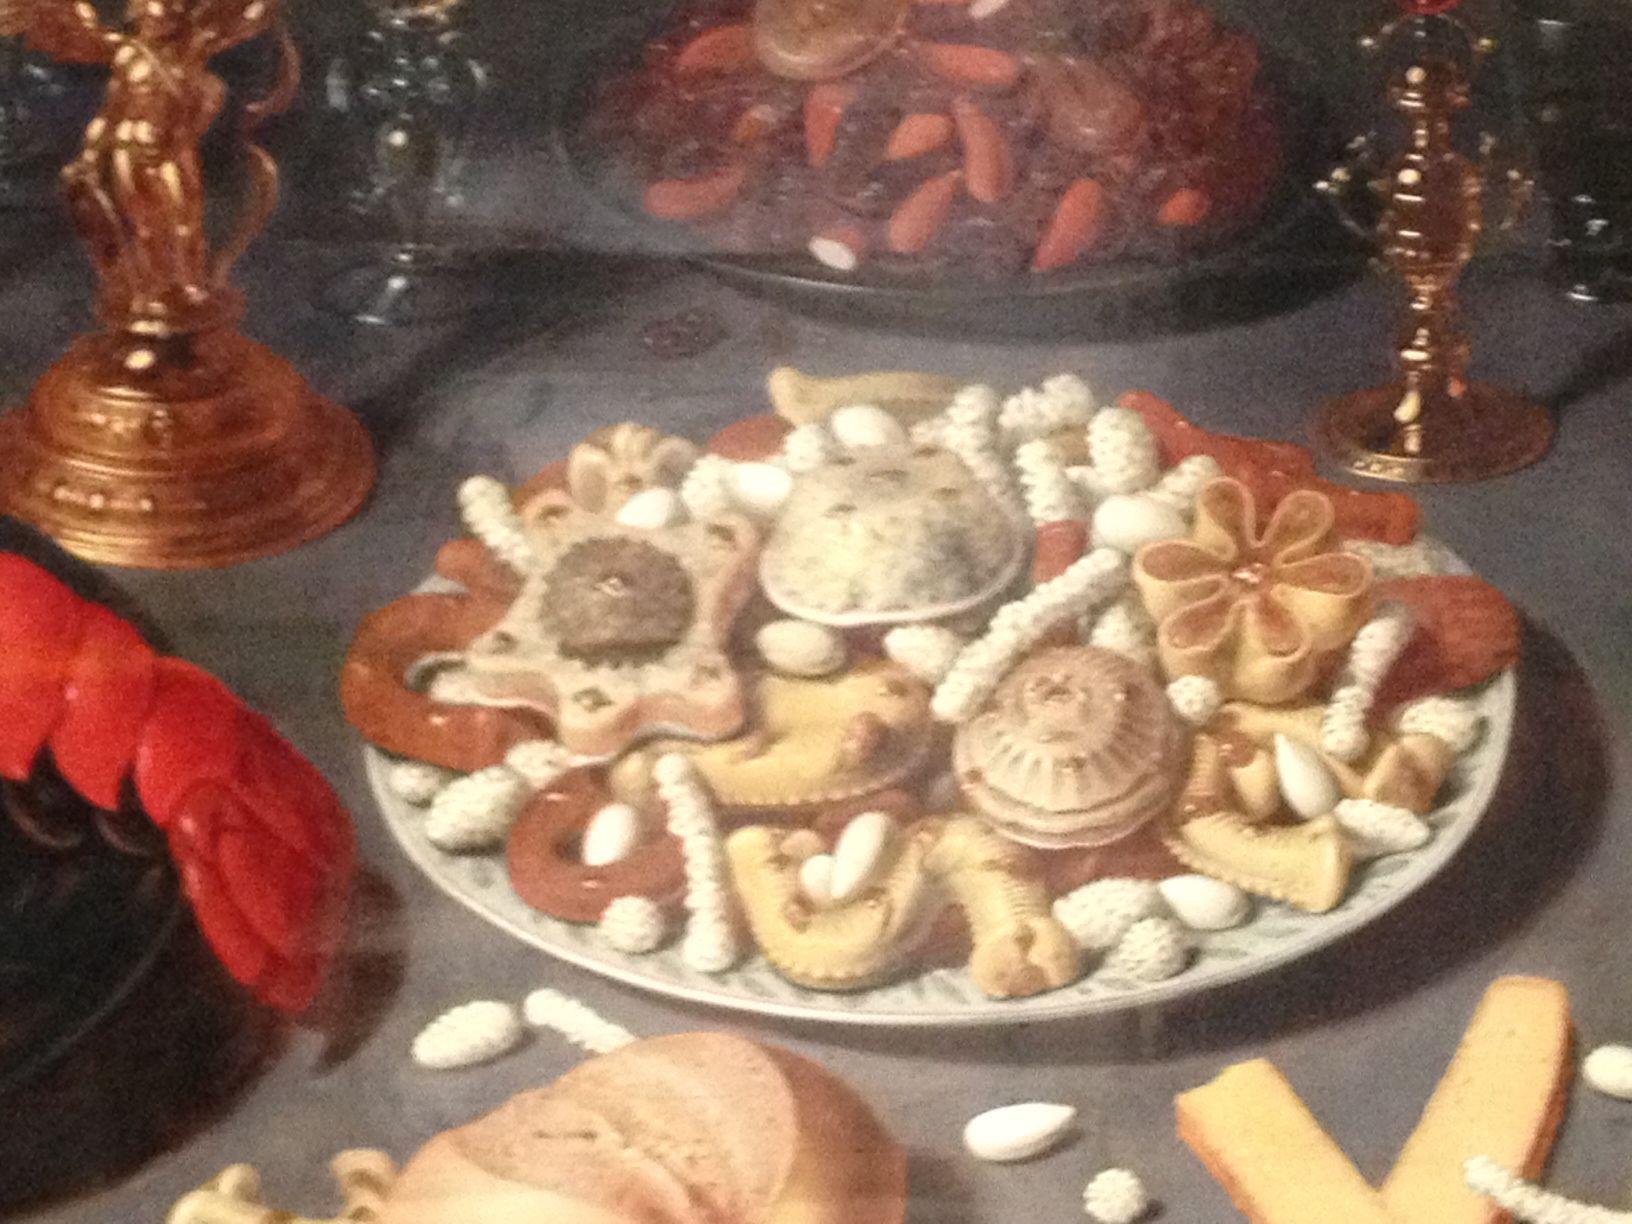 detail-of-rijckaert-painting.jpg (1632×1224)